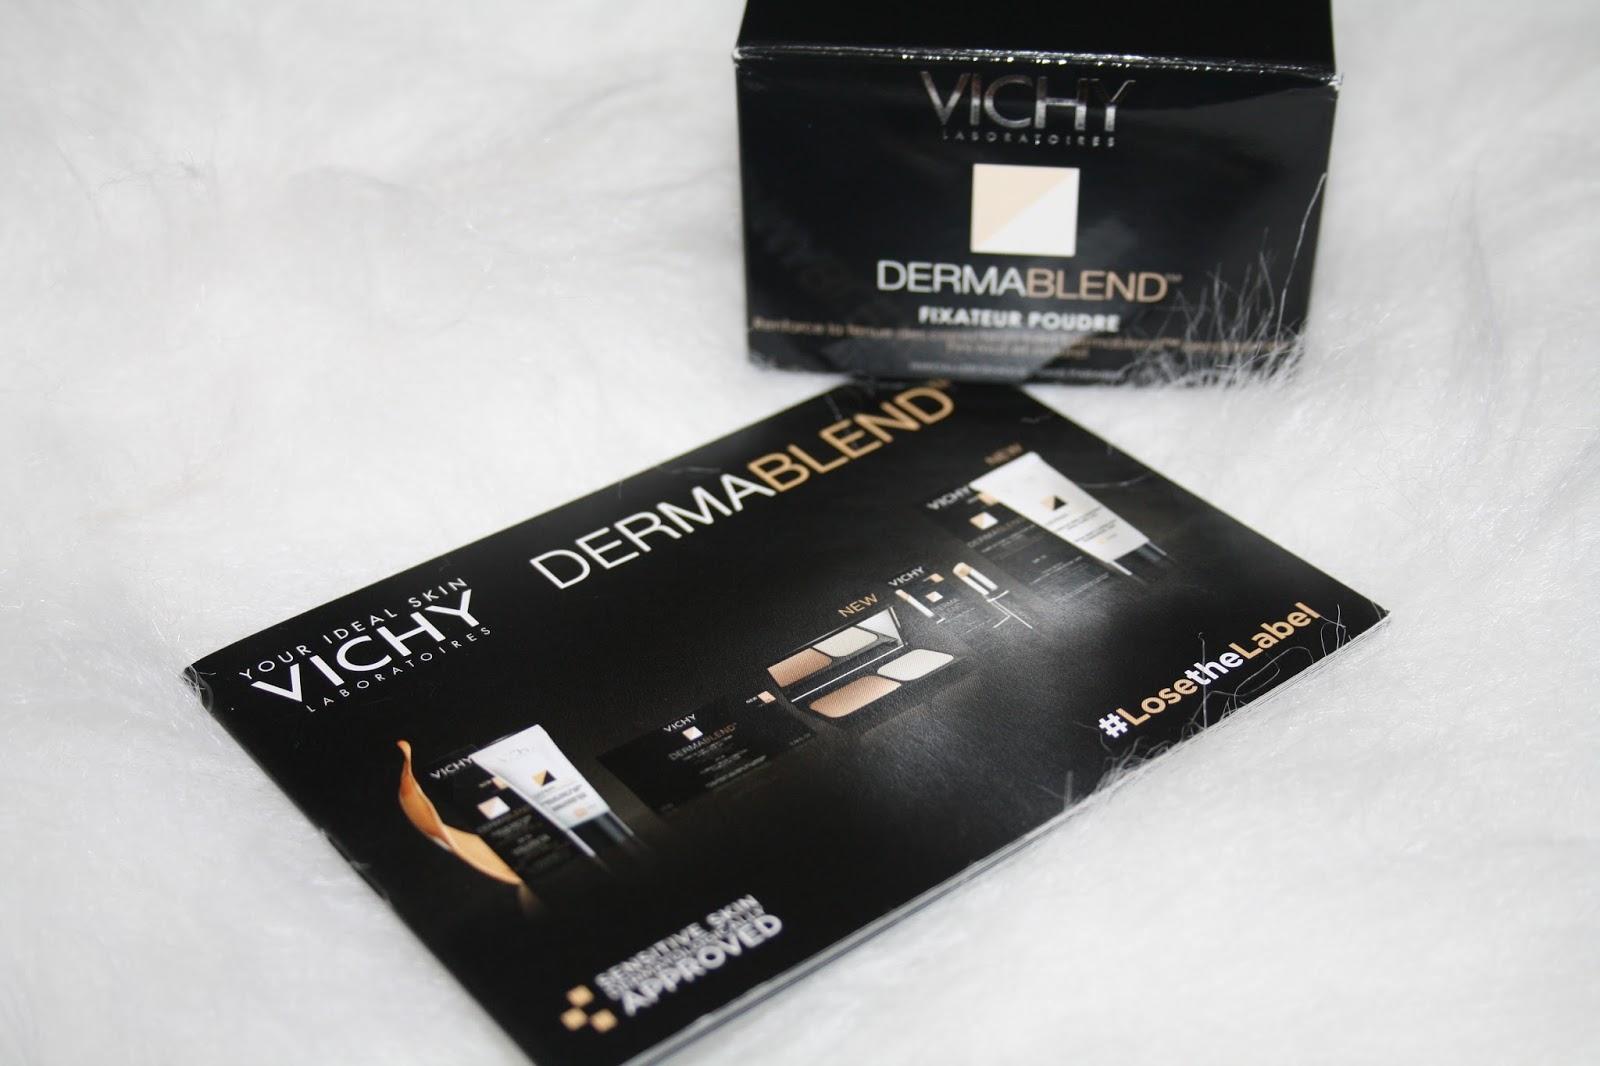 Vichy Dermablend Range